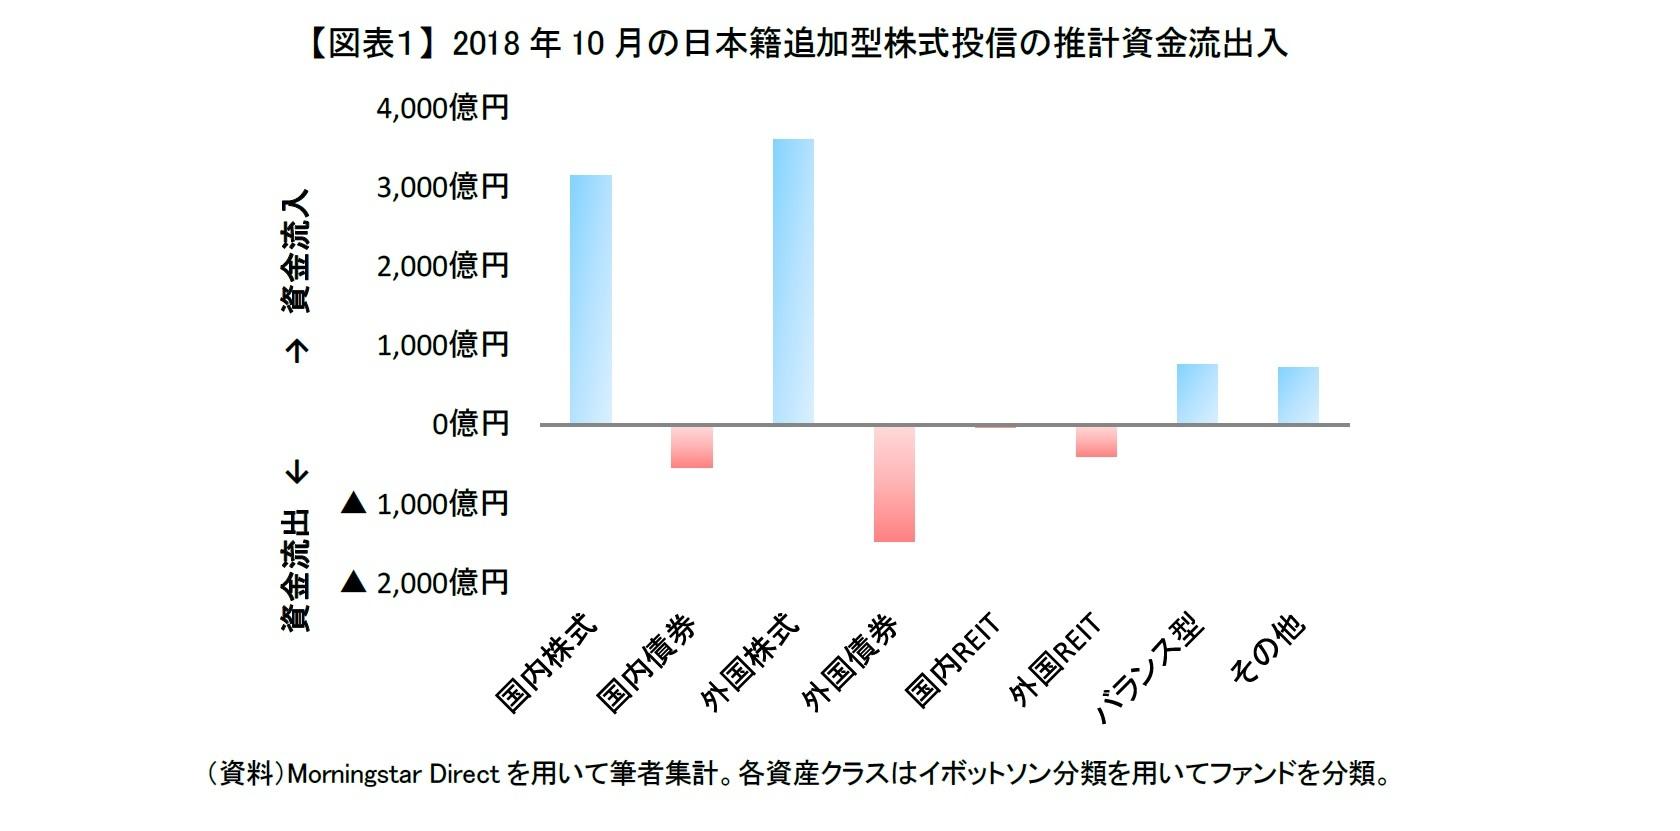 【図表1】 2018年10月の日本籍追加型株式投信の推計資金流出入